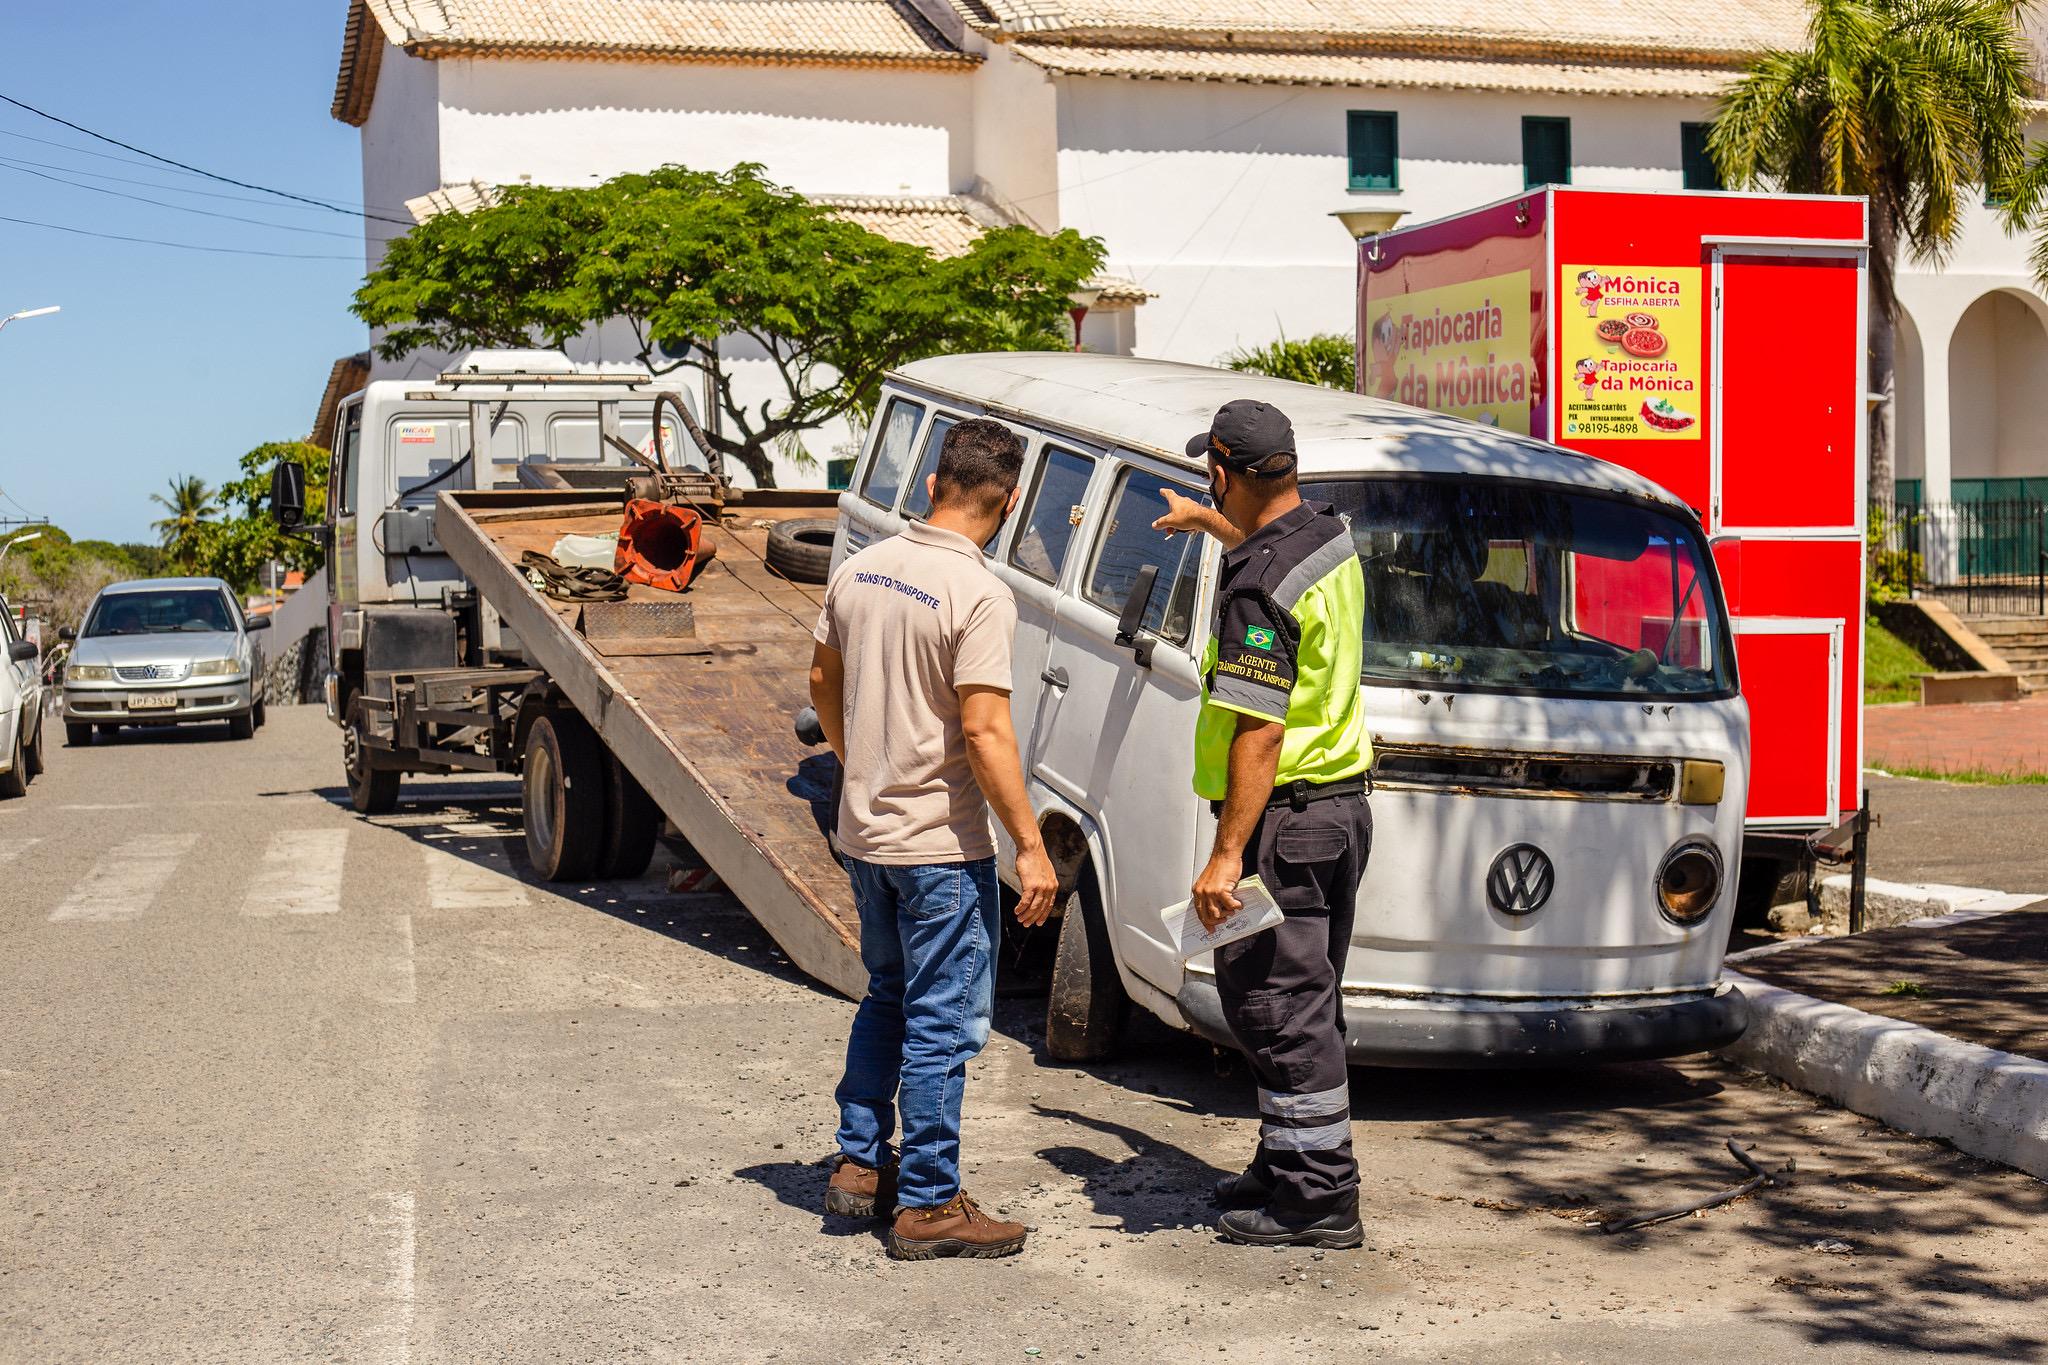 Operação Cidade Limpa: Settop recolhe carros abandonados no Centro de Lauro de Freitas